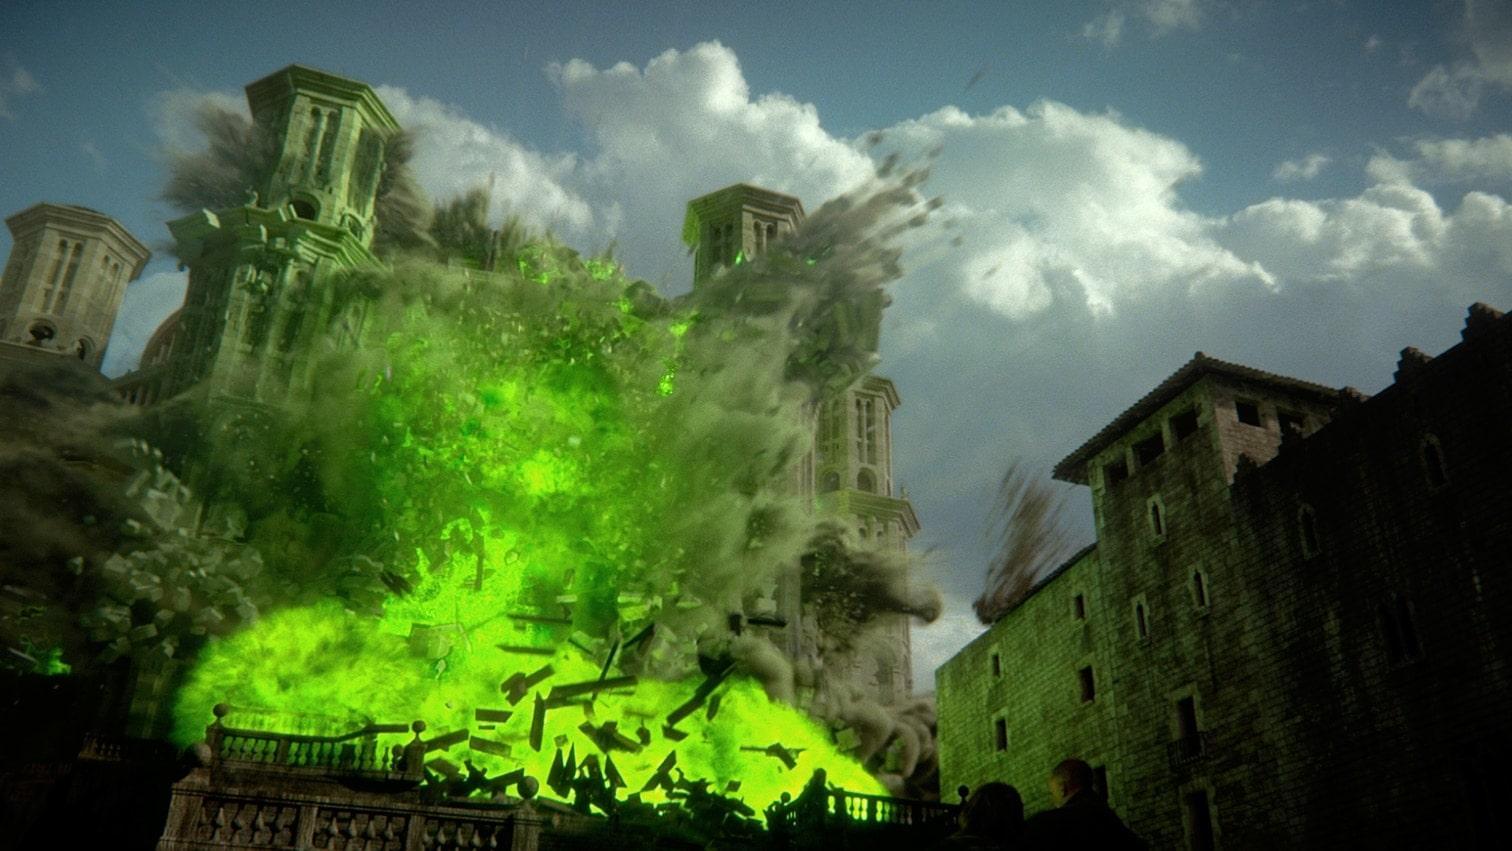 <p><span>Ein Brett von einer Folge: Die erste große Schlacht liefert eine komplette Episode rund um Königsmund und epische Action vom Feinsten. Cersei ist kurz davor sich und ihre Kinder zu töten